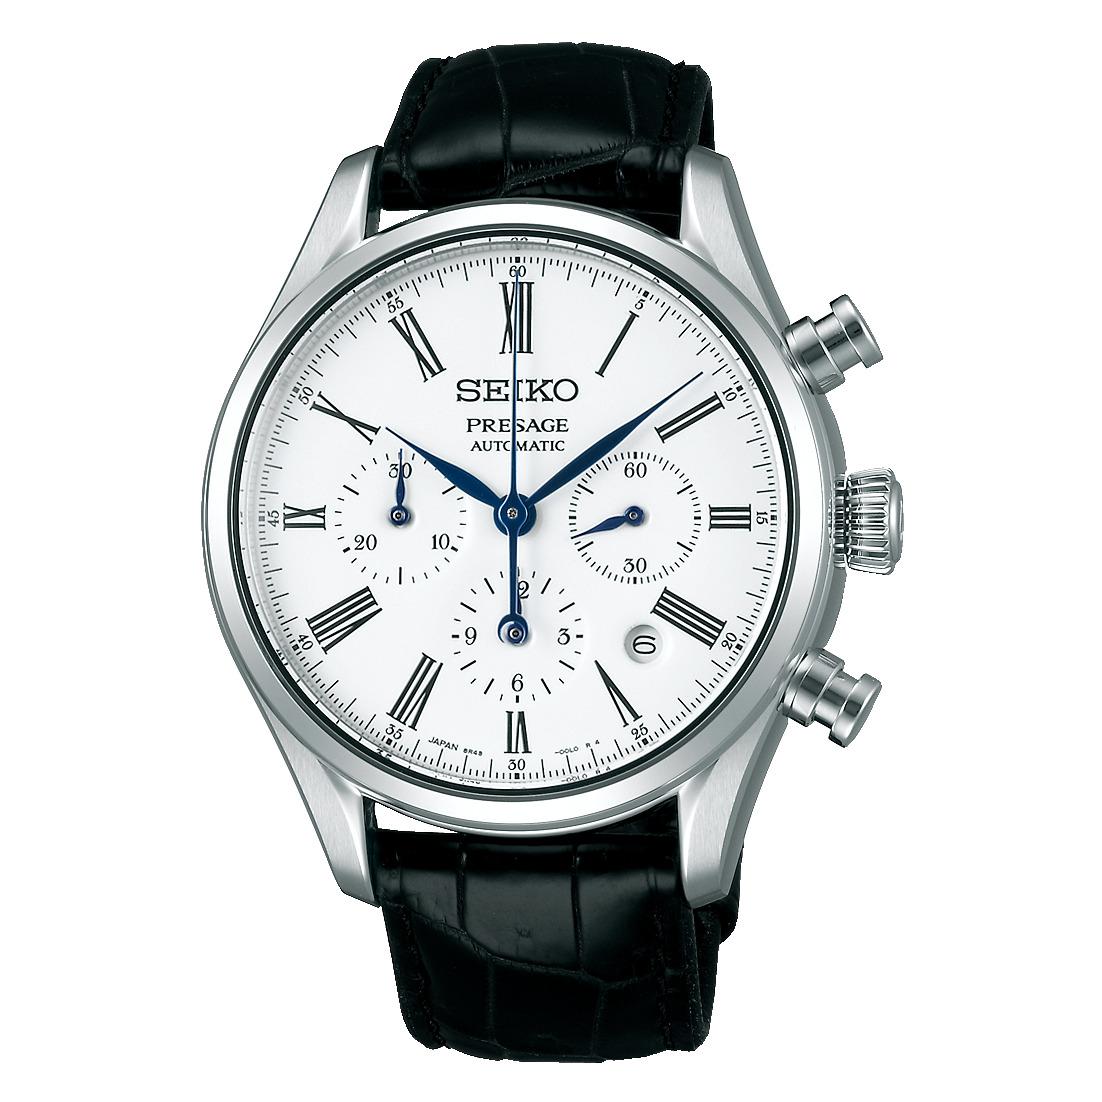 プレザージュ PRESAGE セイコー SEIKO SARK013 プレステージライン ほうろうダイヤル 正規品 腕時計